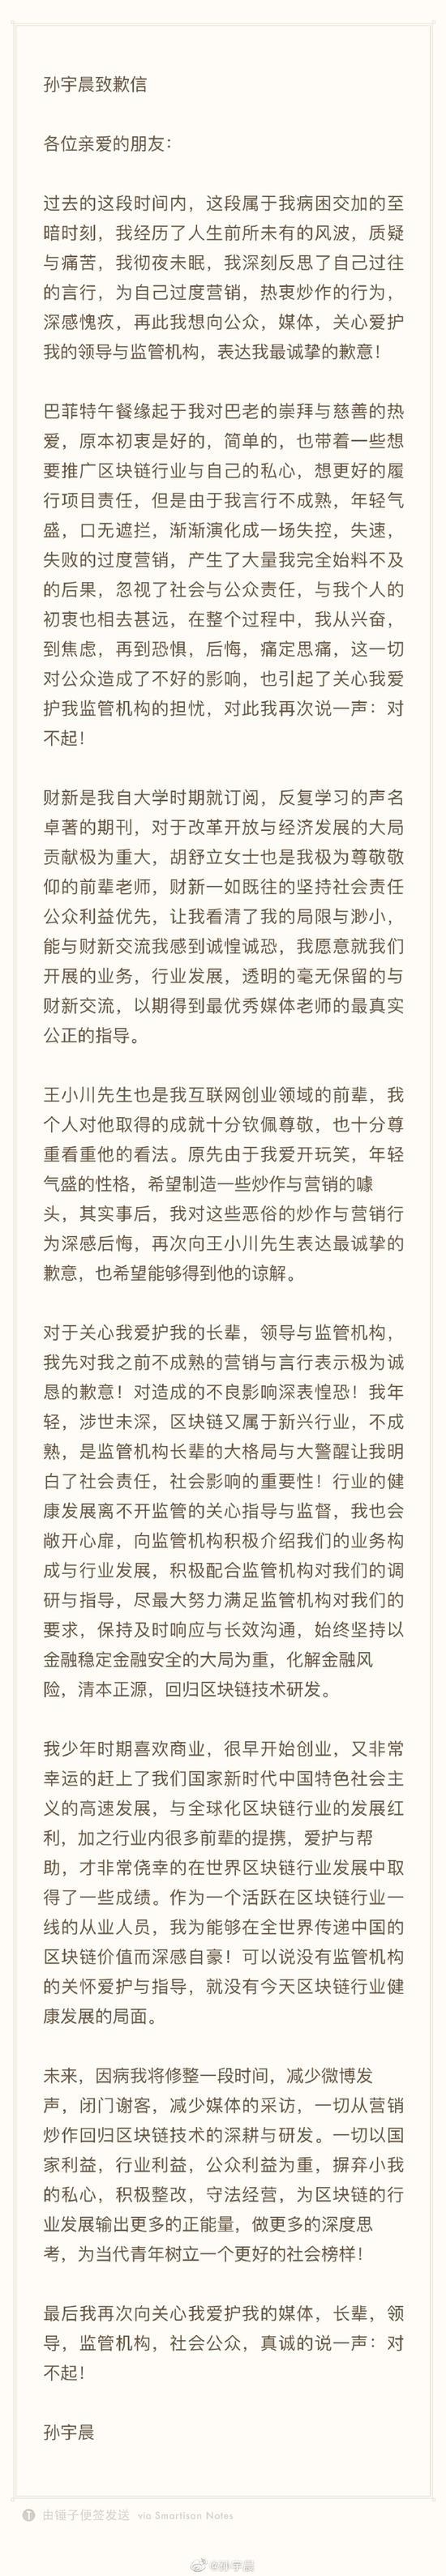 """""""首鸽巴菲特""""的孙宇晨公开致歉 公众似乎并不买单"""